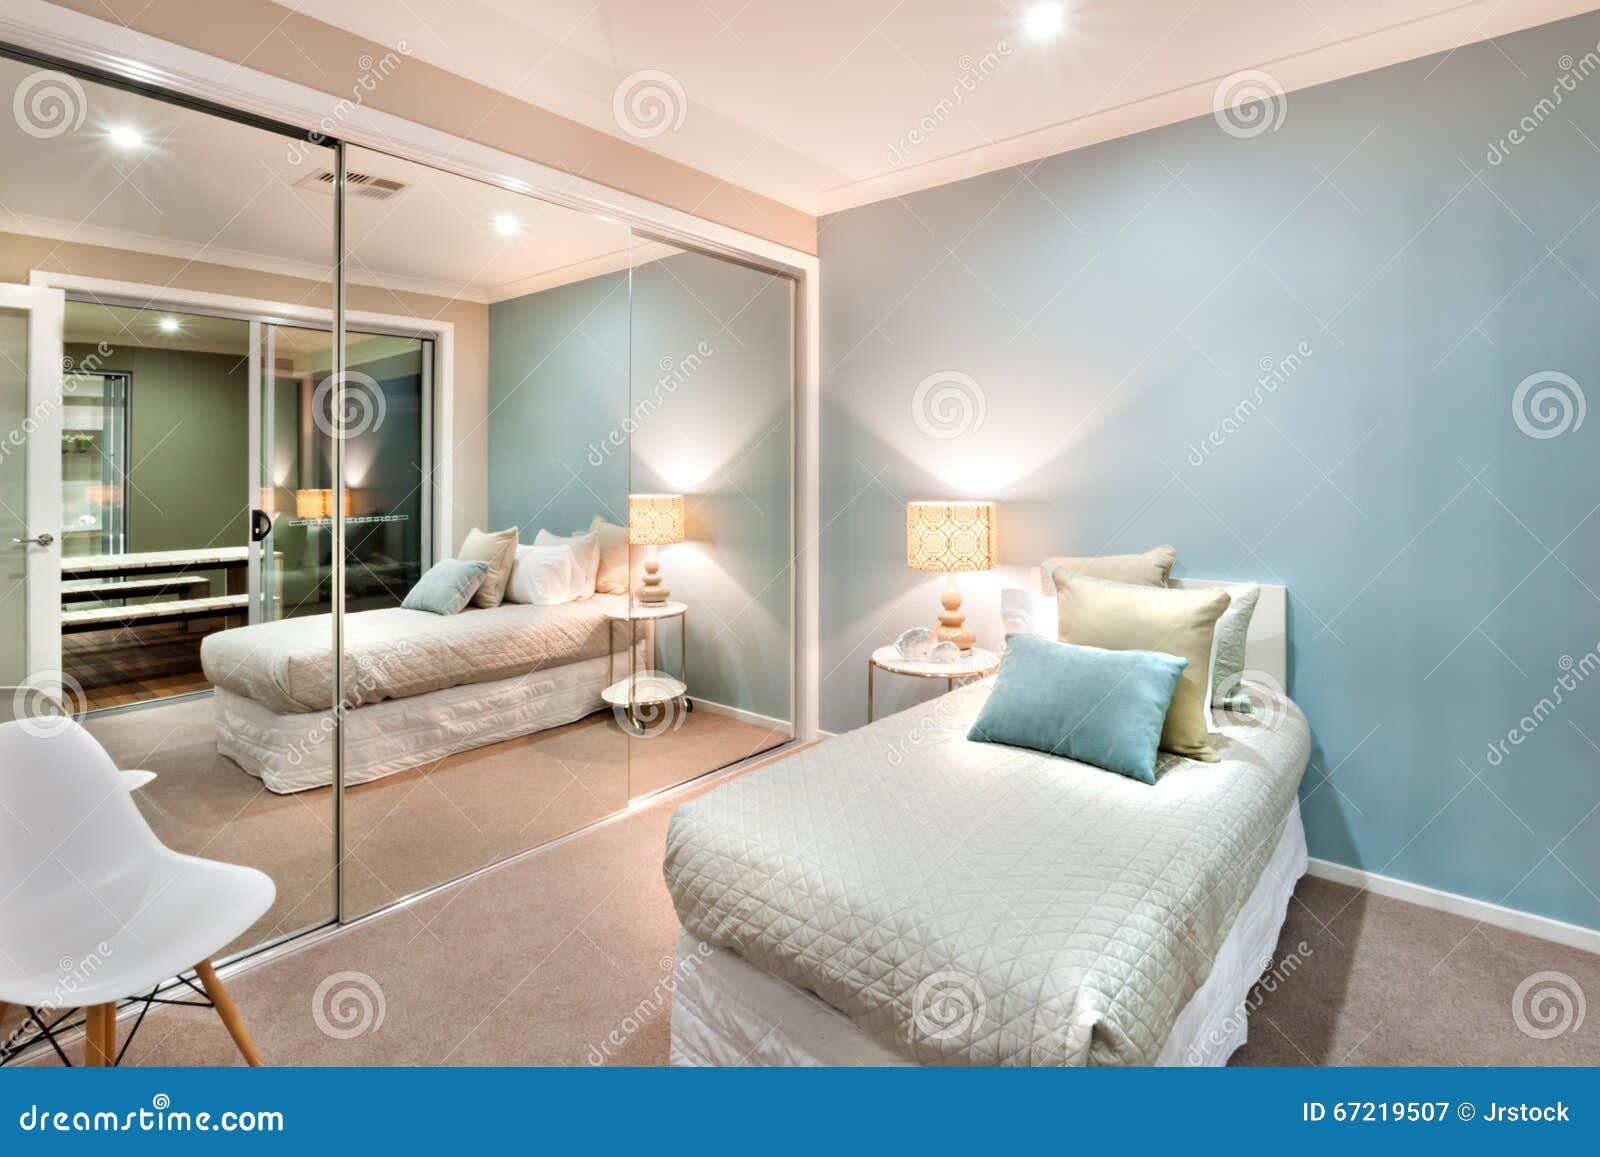 Petite chambre coucher avec des oreillers sur du lit for Petite chambre a coucher design